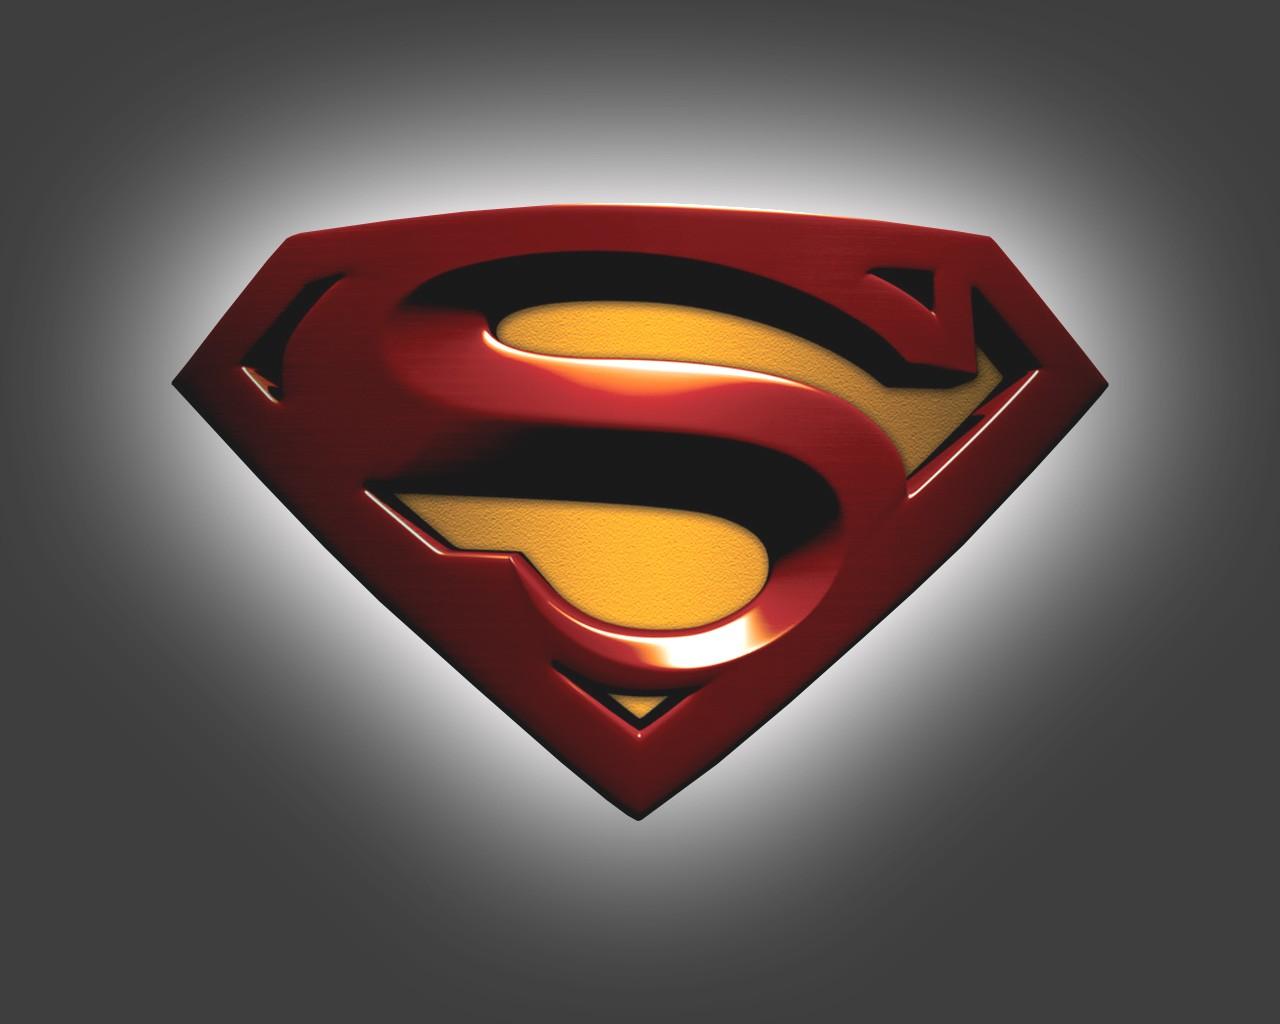 Logo Logo Wallpaper Collection SUPERMAN LOGO WALLPAPER COLLECTION 1280x1024